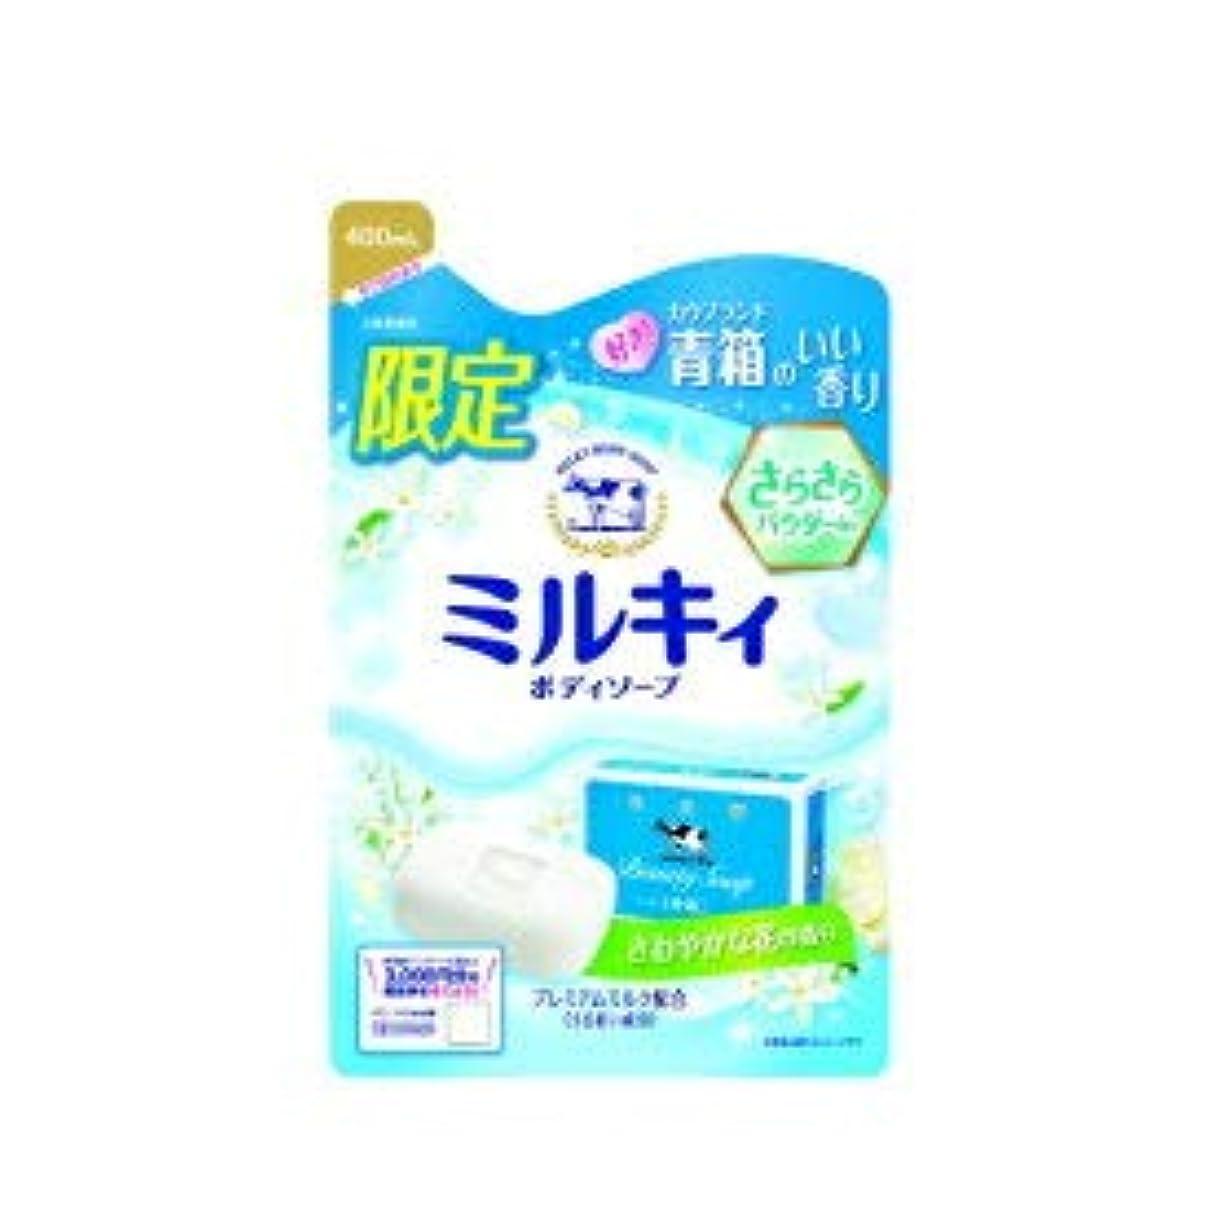 モーション質量助手【限定】ミルキィボディソープ 青箱の香り 詰替 400ml